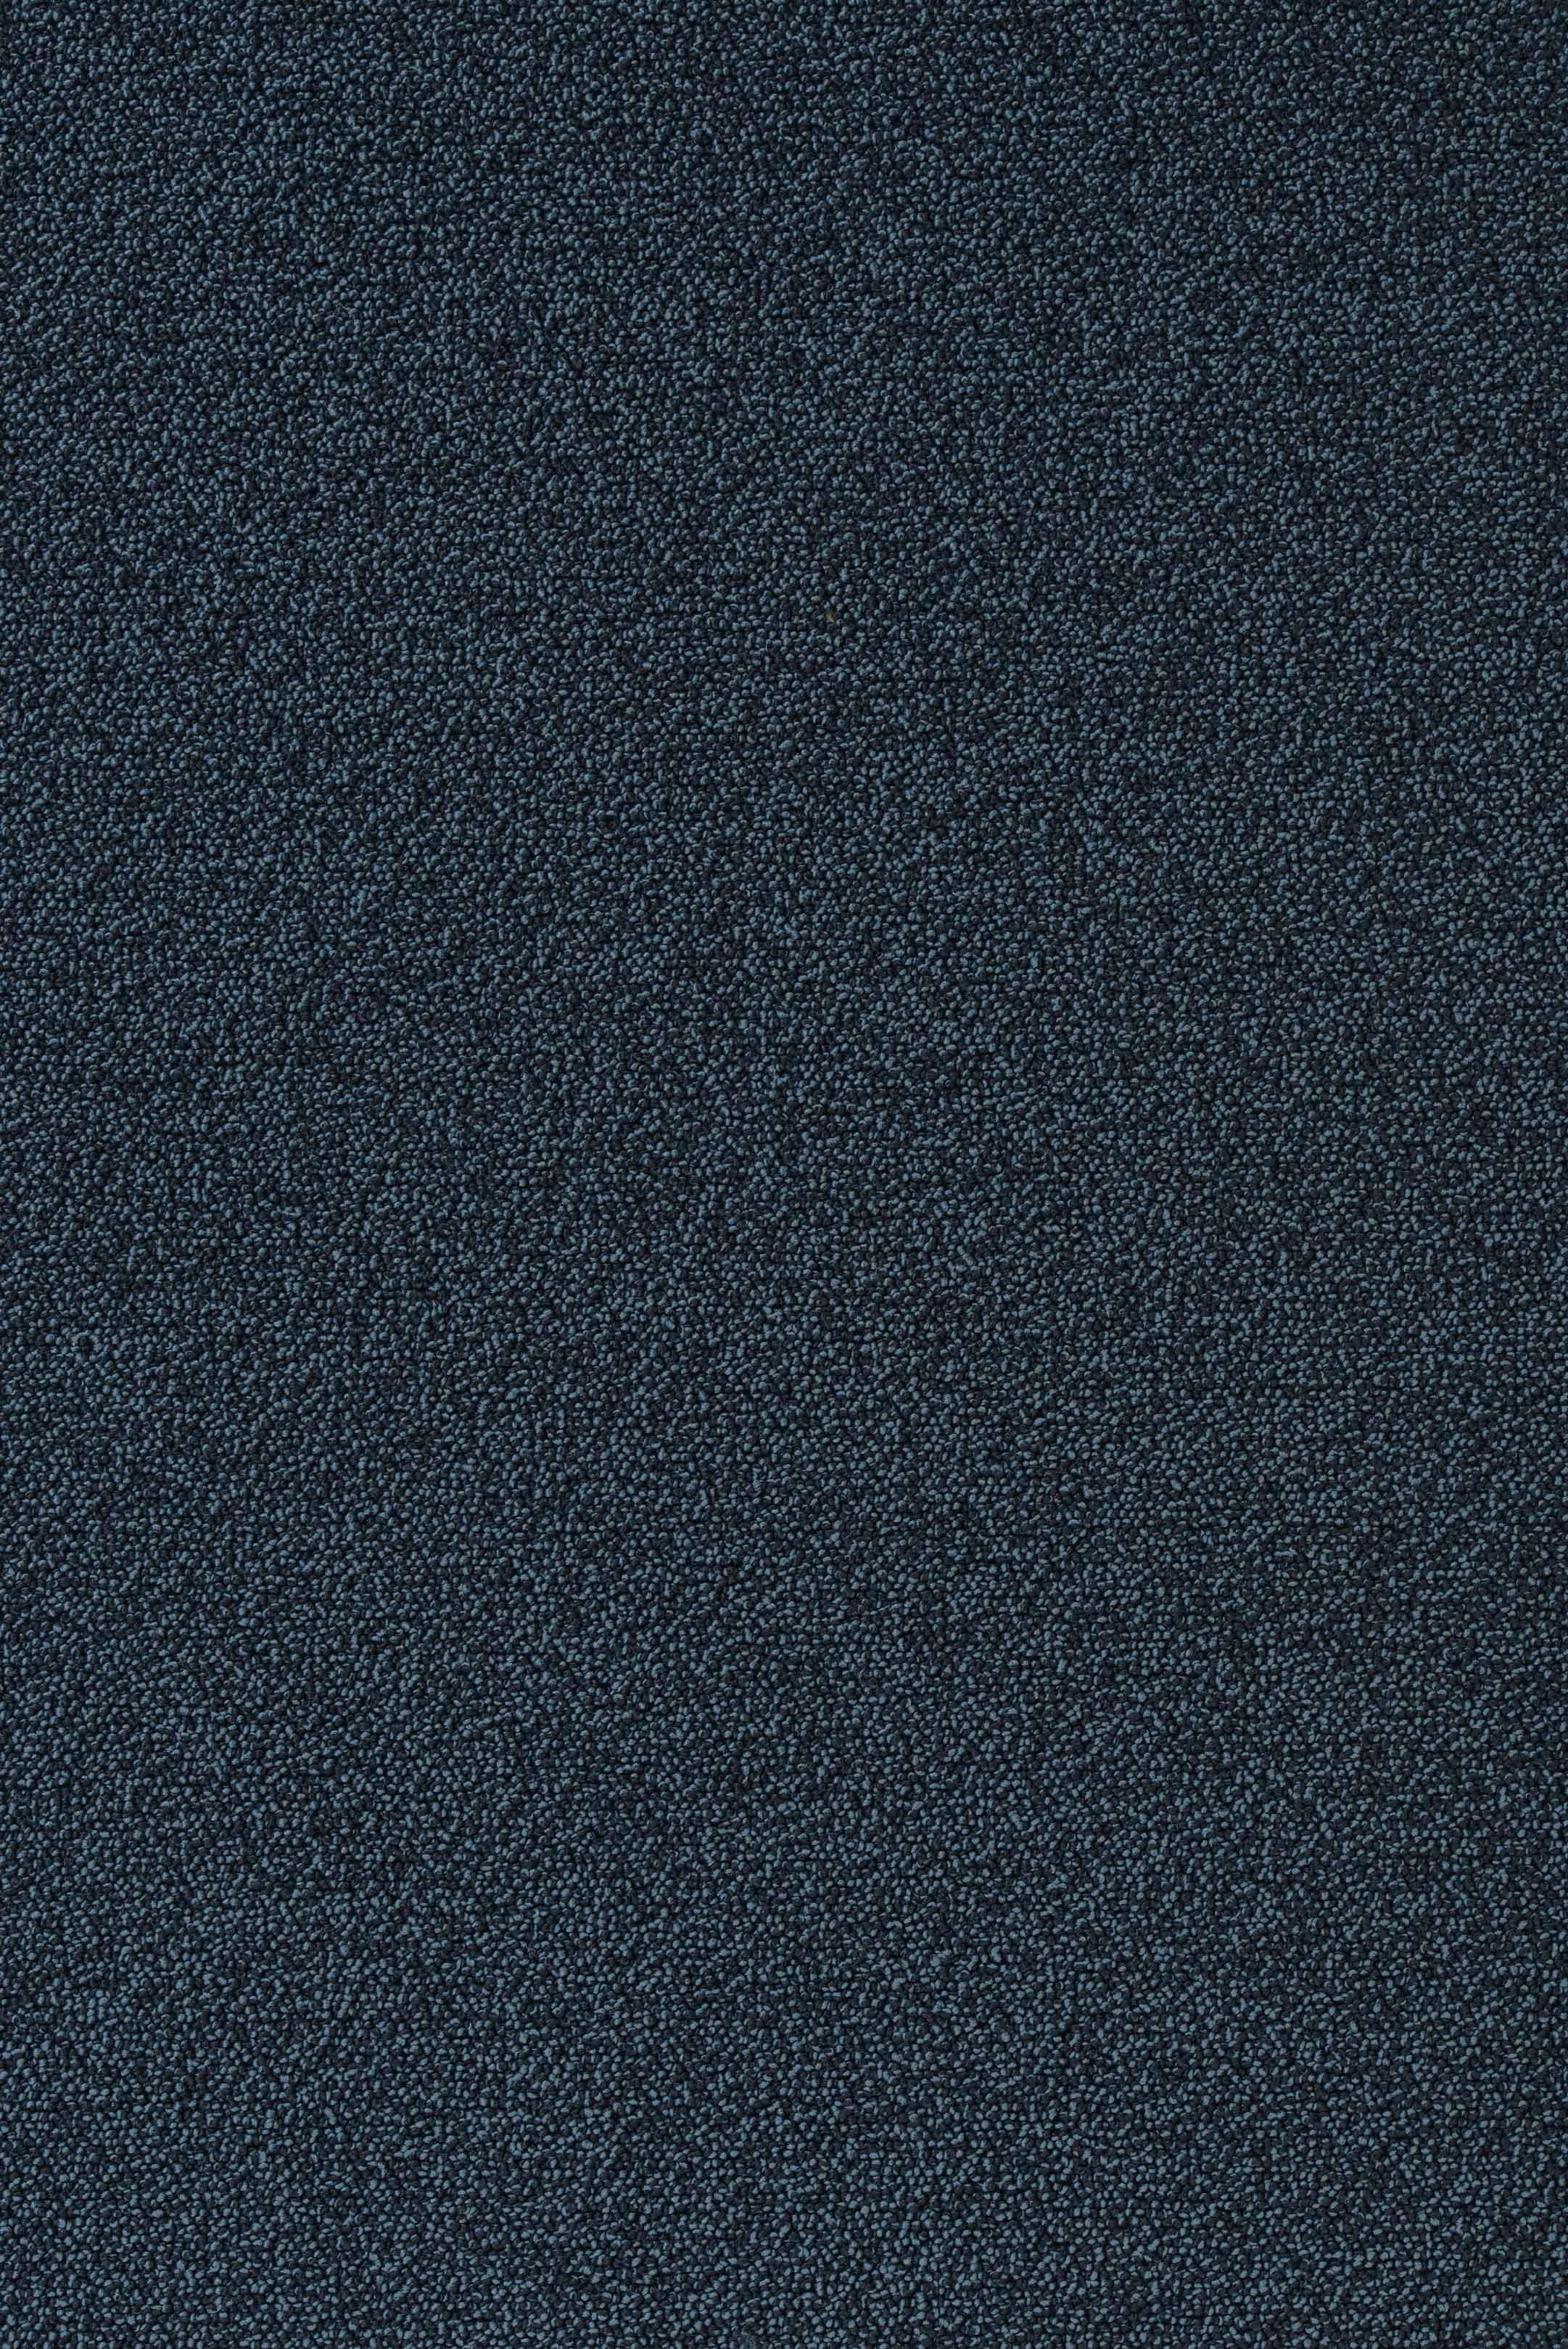 vorwerk teppich essential 1032 3p84 room up online. Black Bedroom Furniture Sets. Home Design Ideas